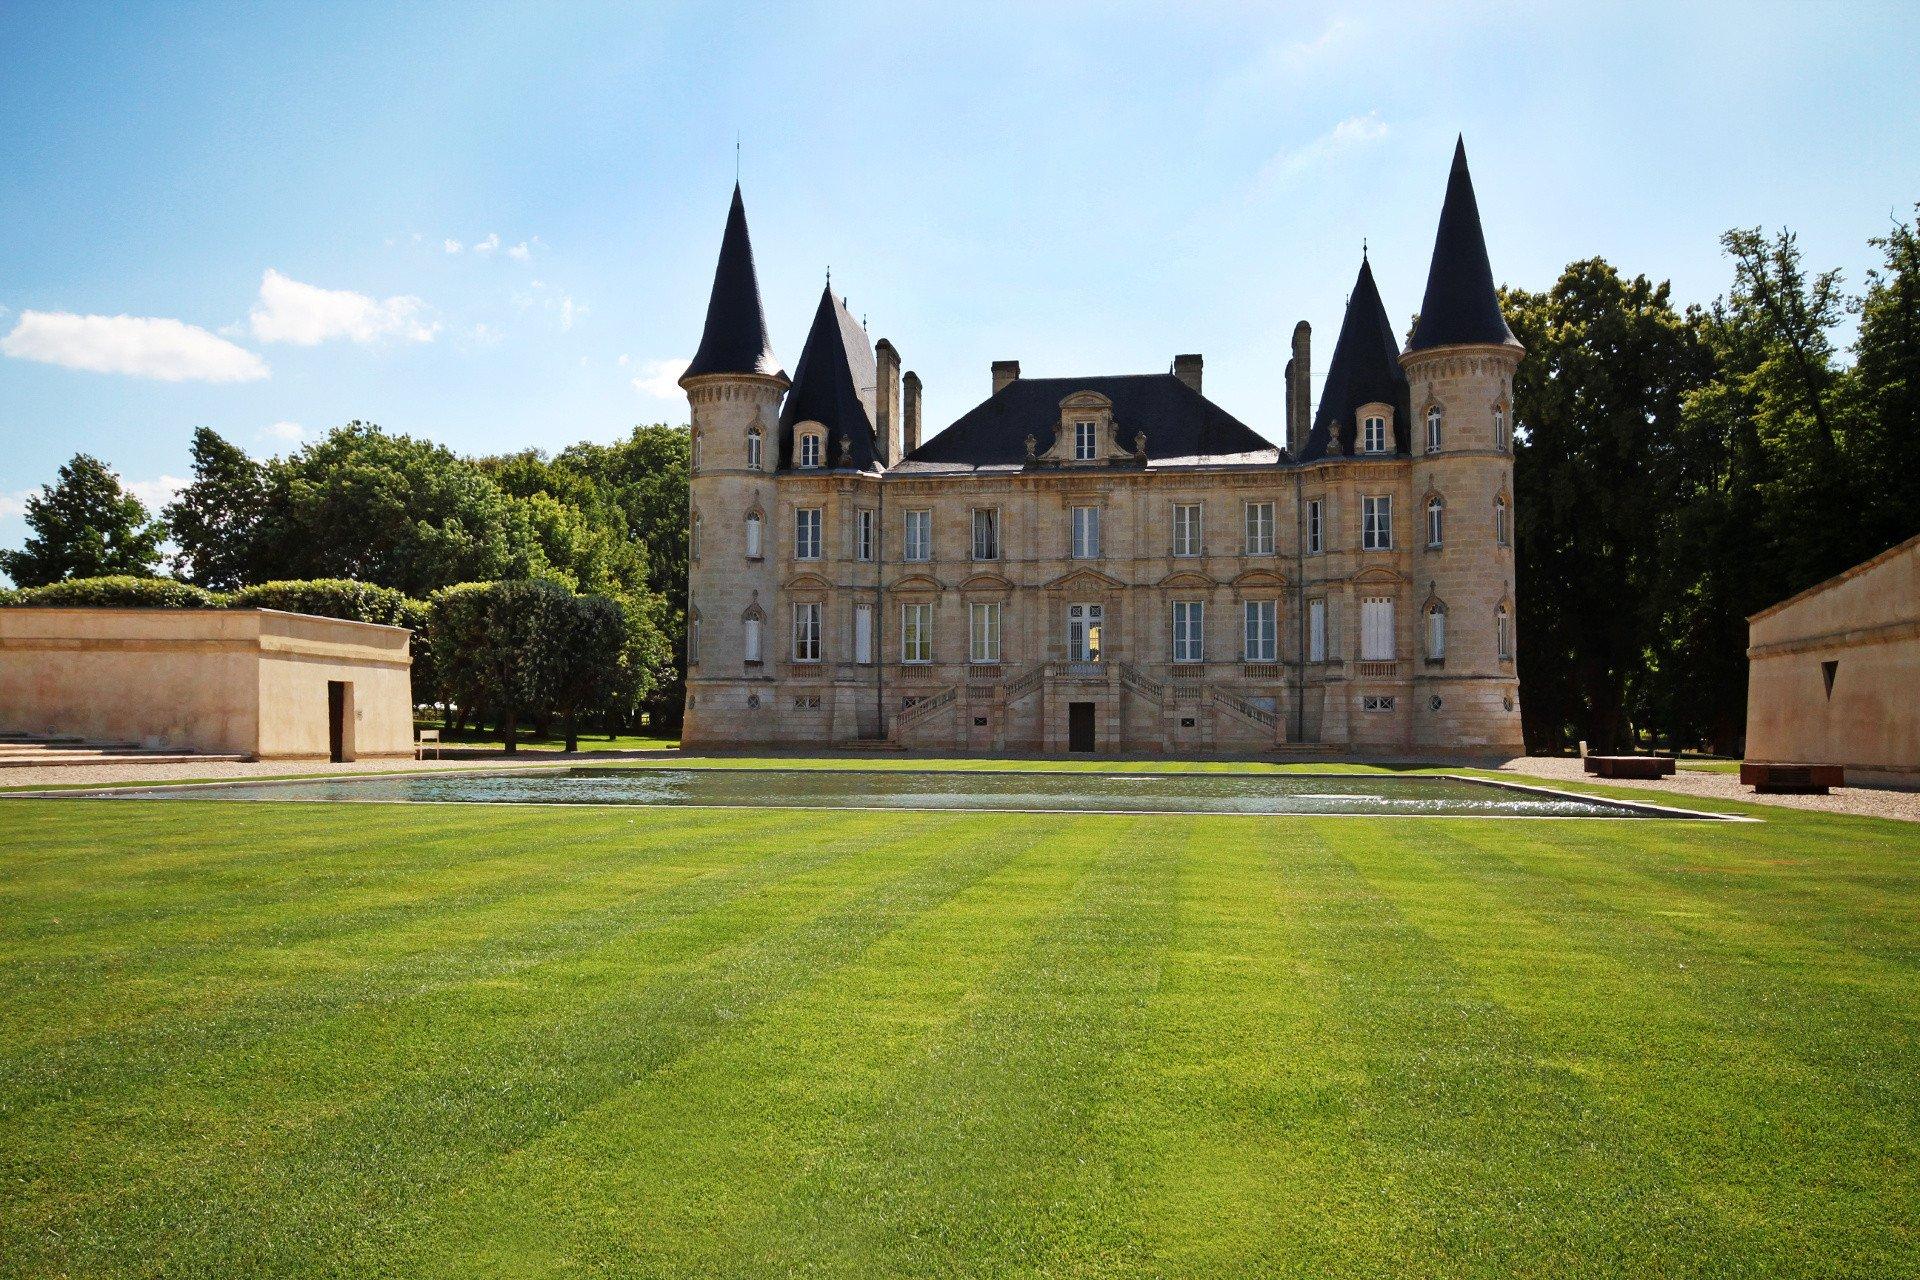 Un château sur la Route des vins dans la région de Bordeau